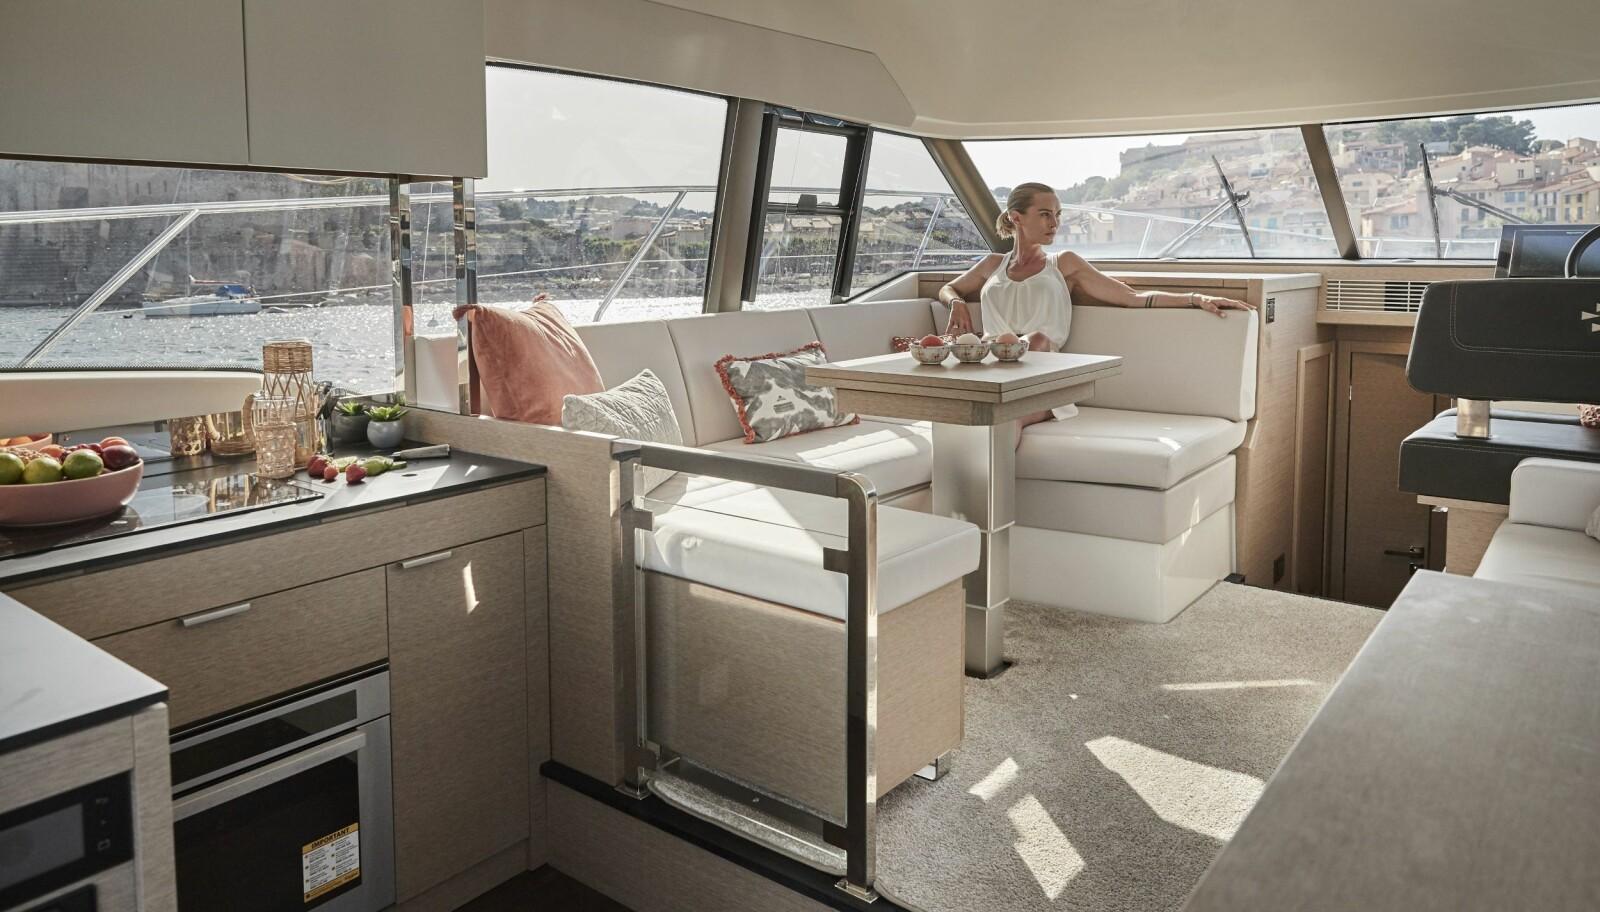 <b>SALONG:</b> Her er det rommelig bysse og god sitteplass. Store vinduer og lyse materialer.